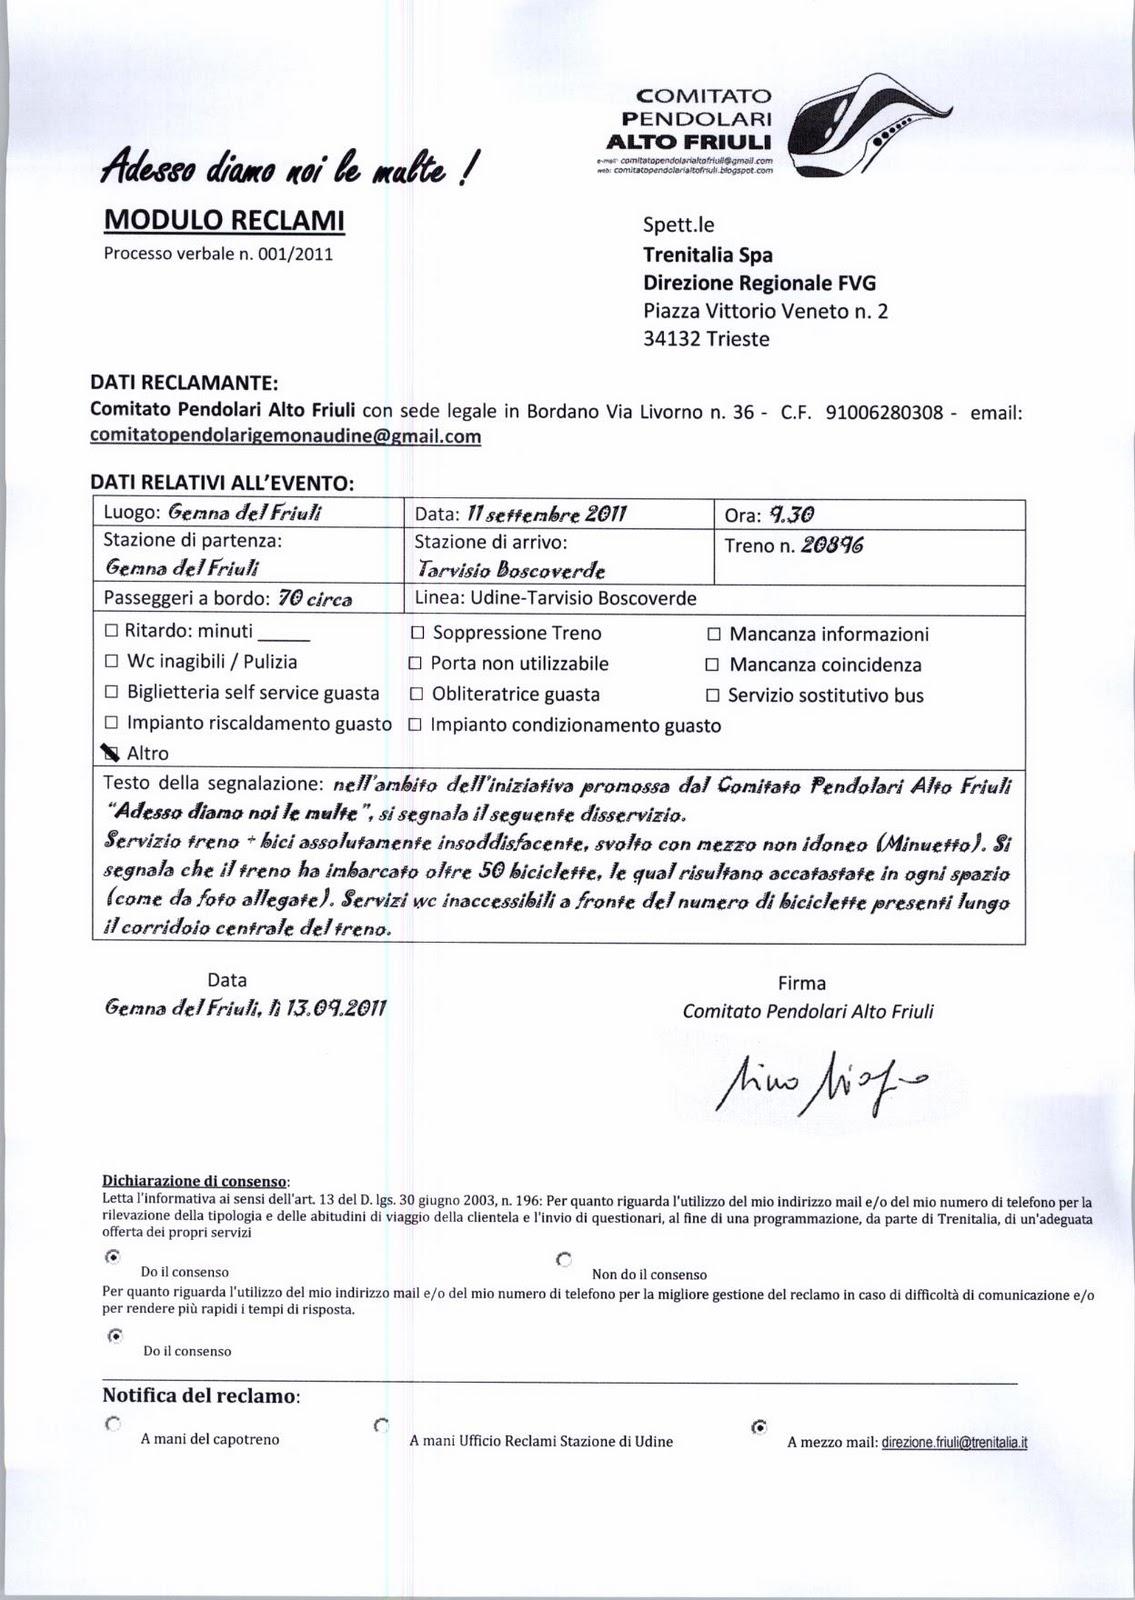 comitato pendolari alto friuli: settembre 2011